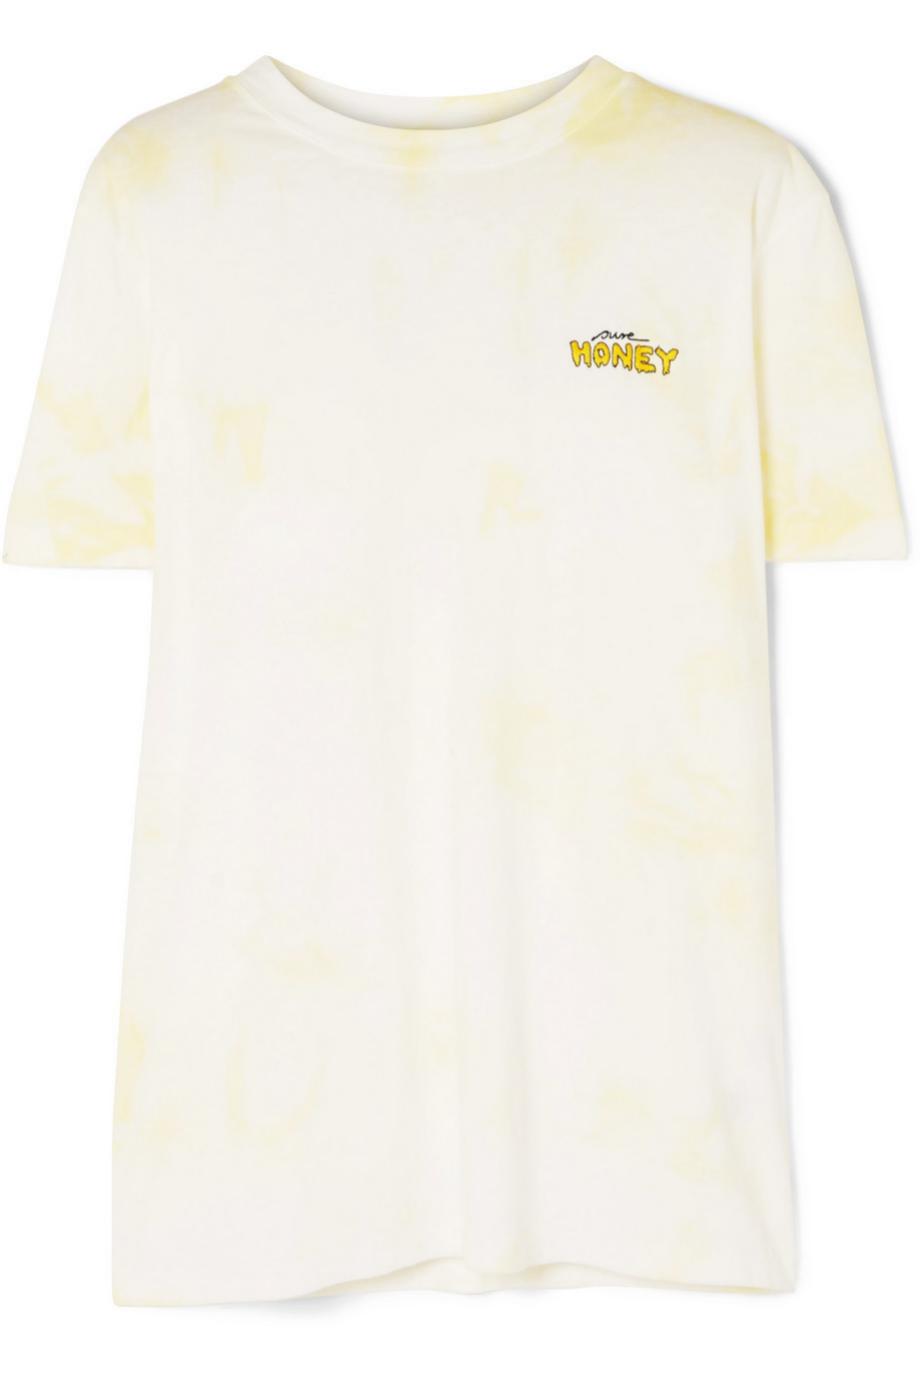 Camiseta de algodón tye dye de Ganni (63¤)